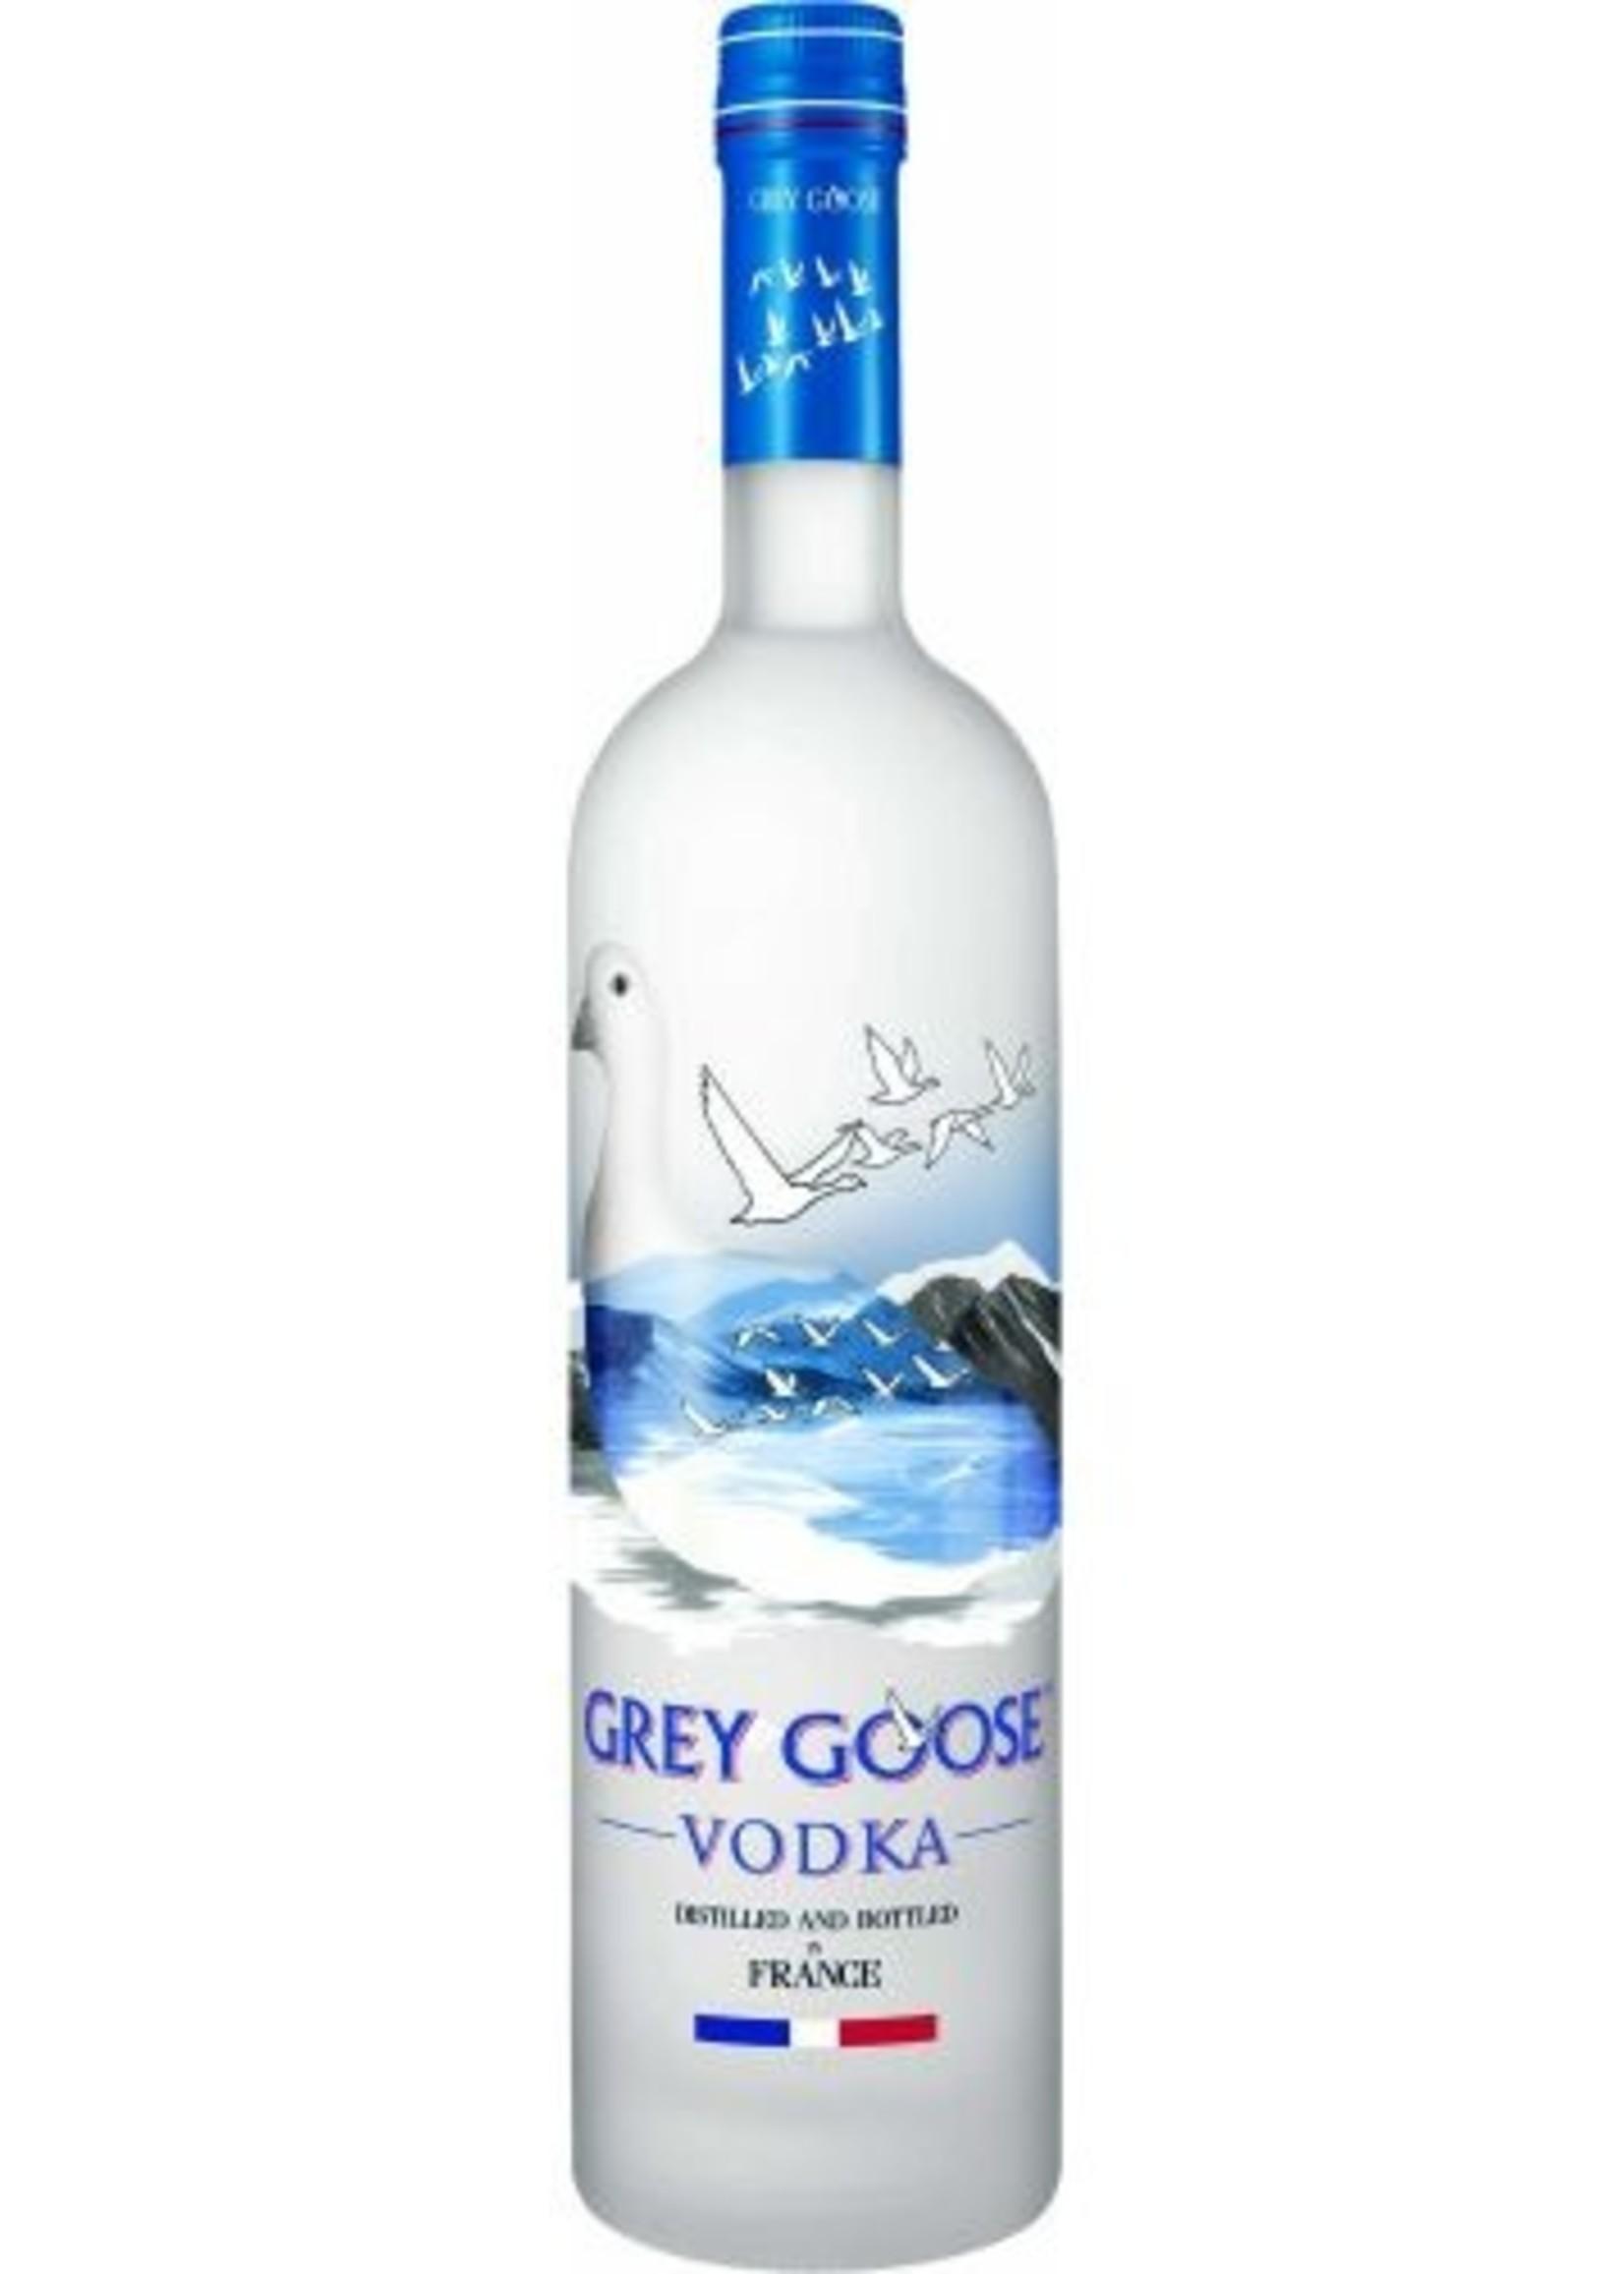 Grey Goose Vodka LTR